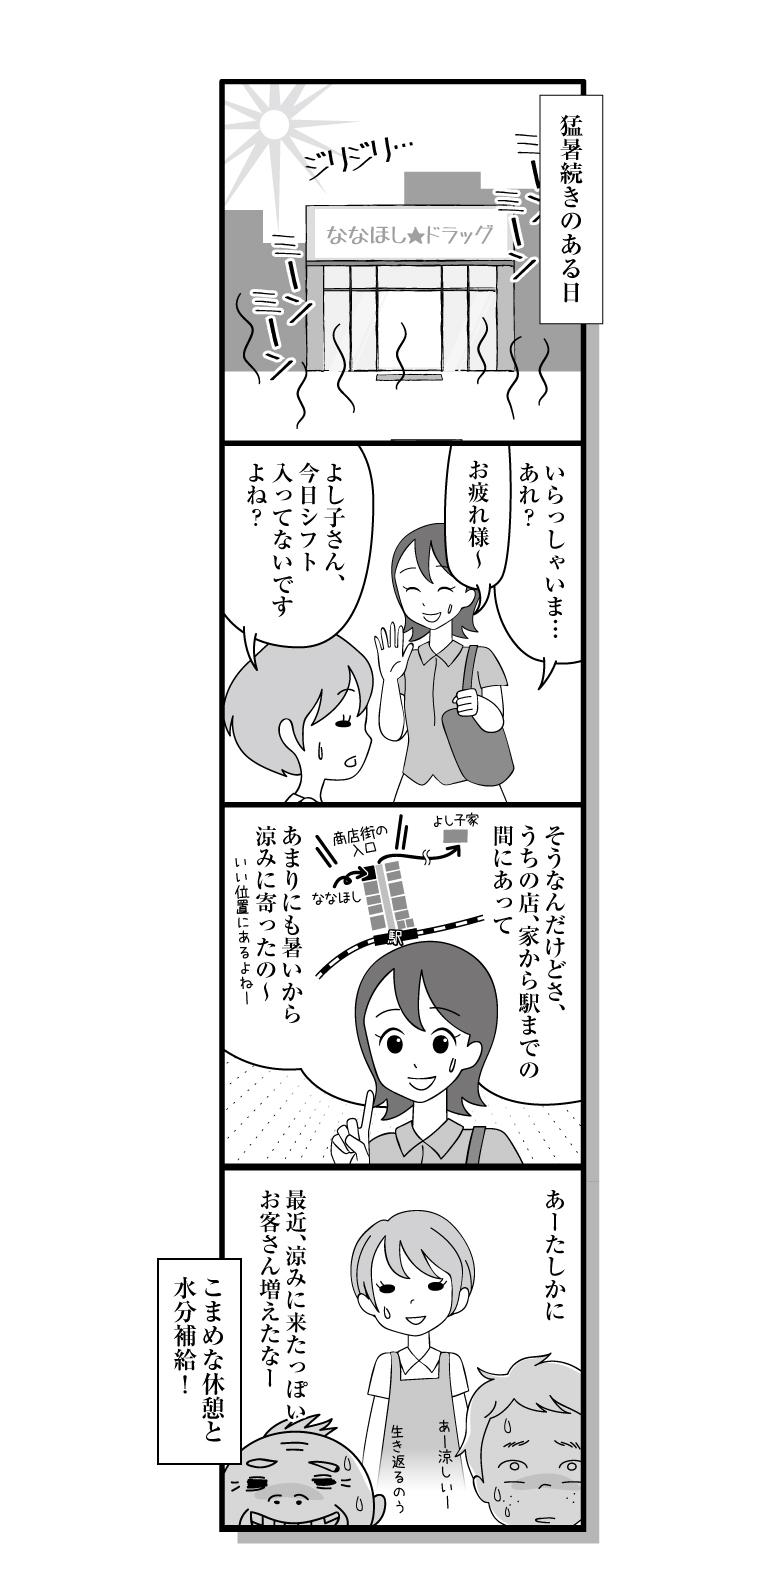 180804_manga